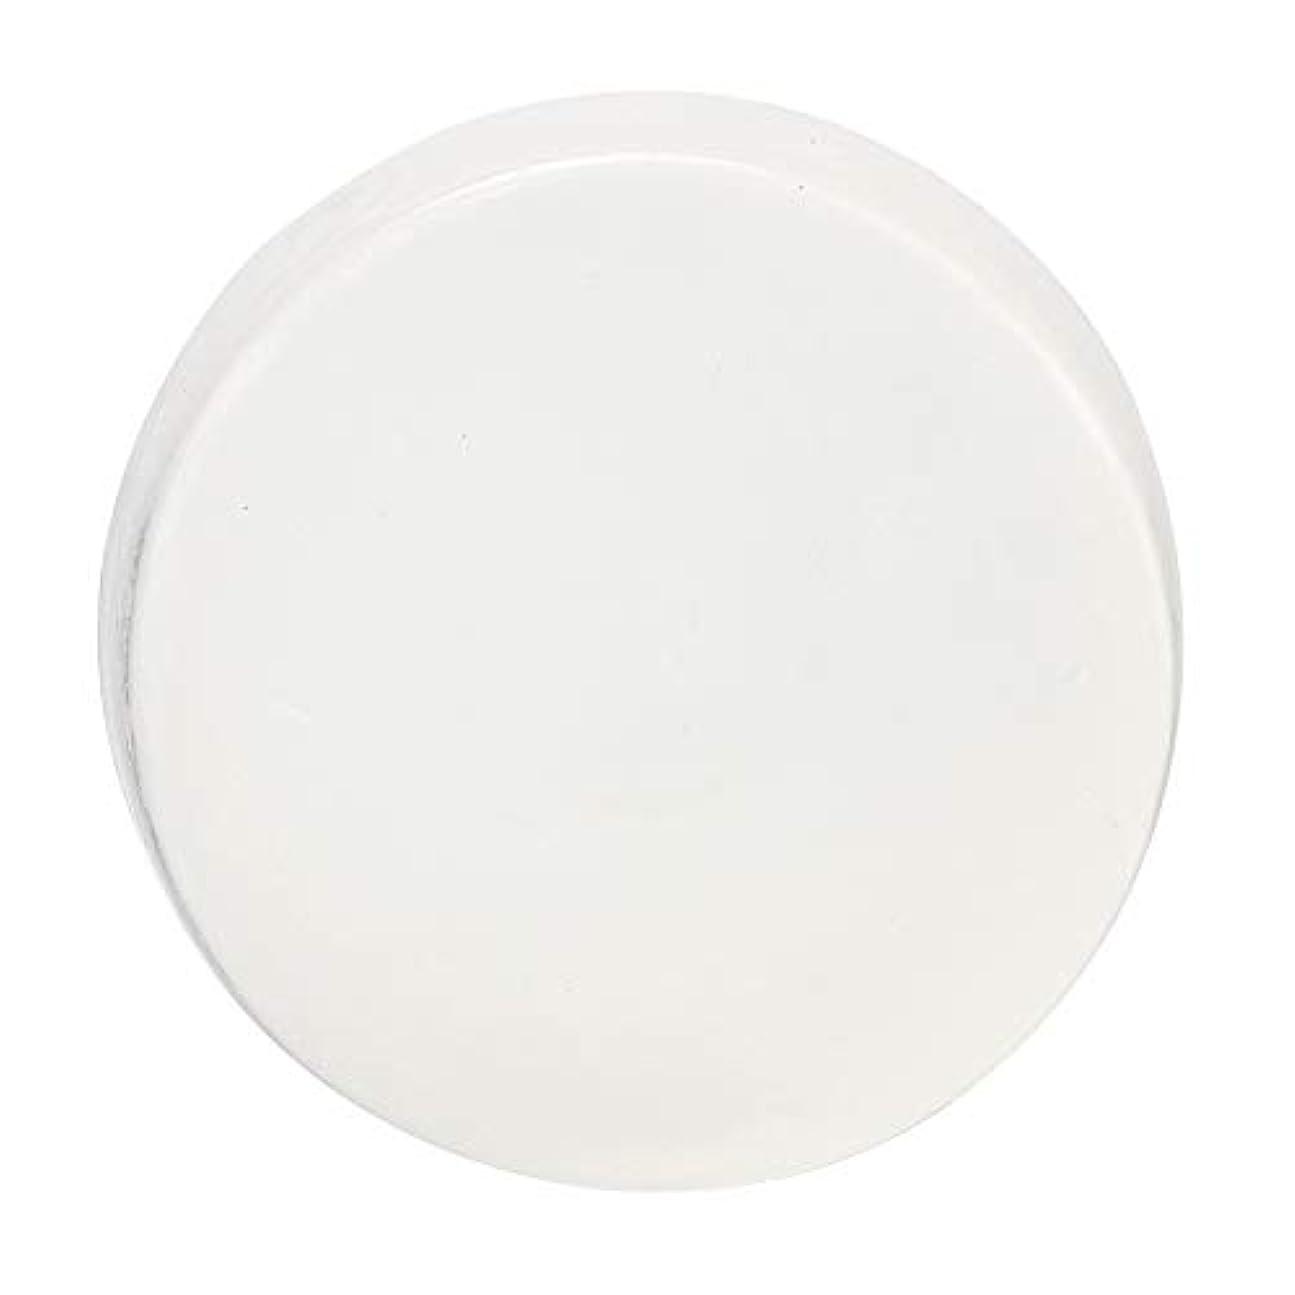 壁グラフ関連付けるホワイトニングクリスタルソープピンクニップルインティメイト40g